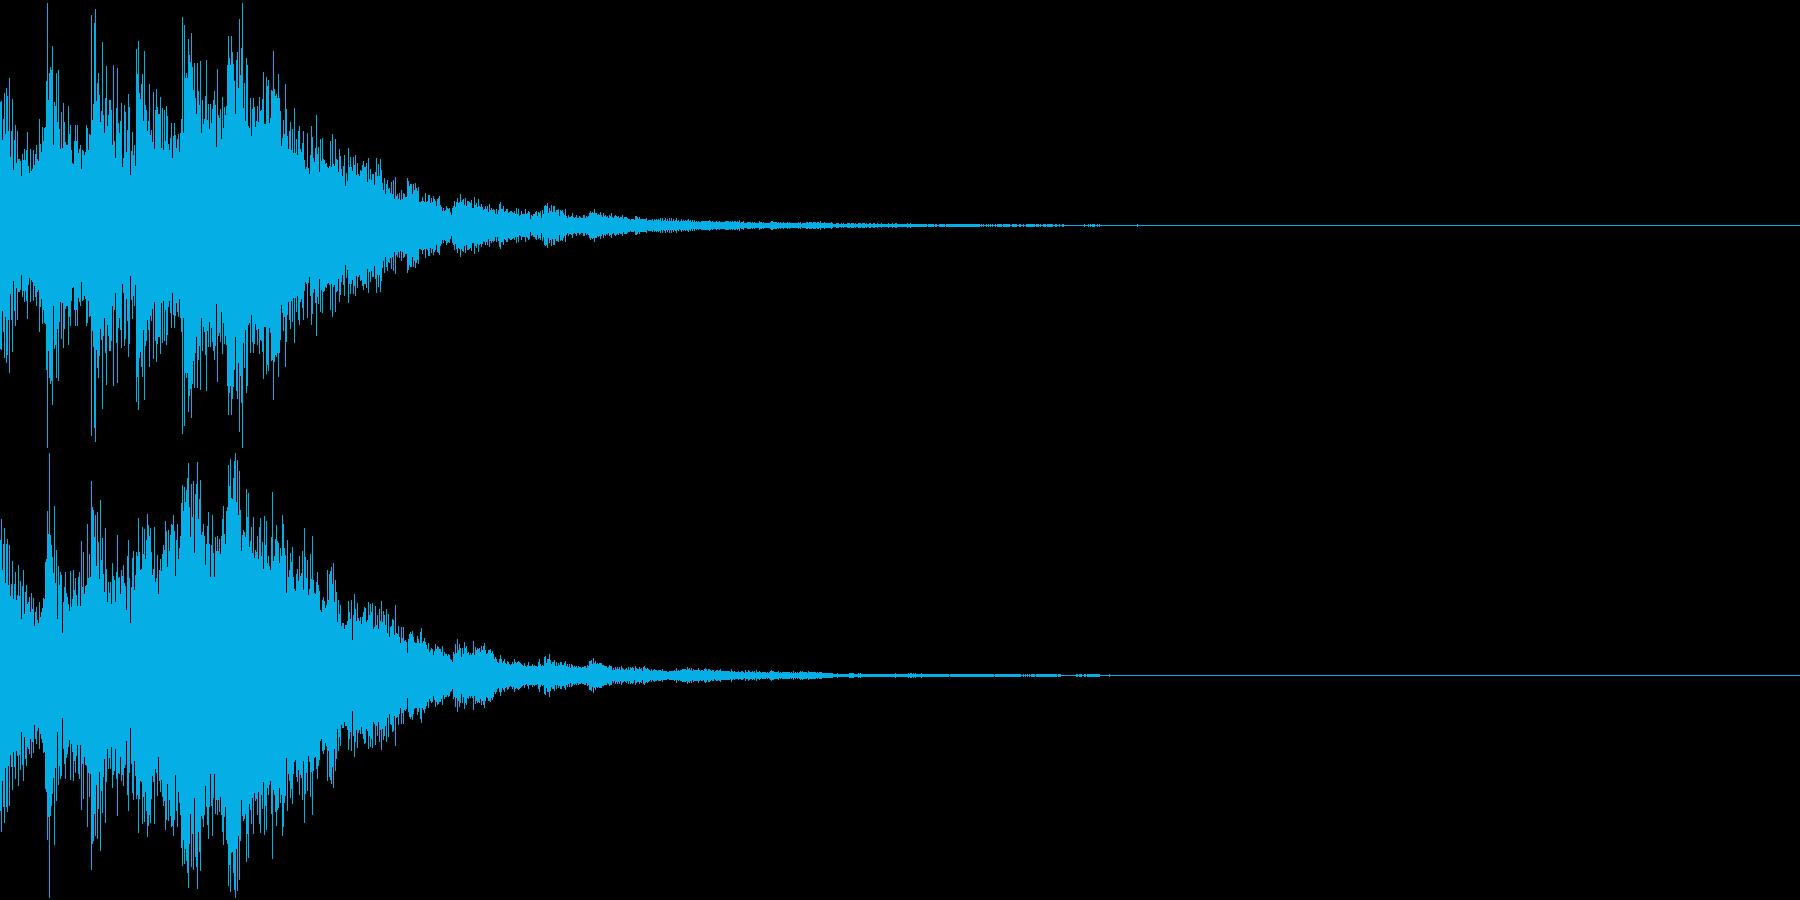 ゲームスタートに最適なキラキラSE 02の再生済みの波形